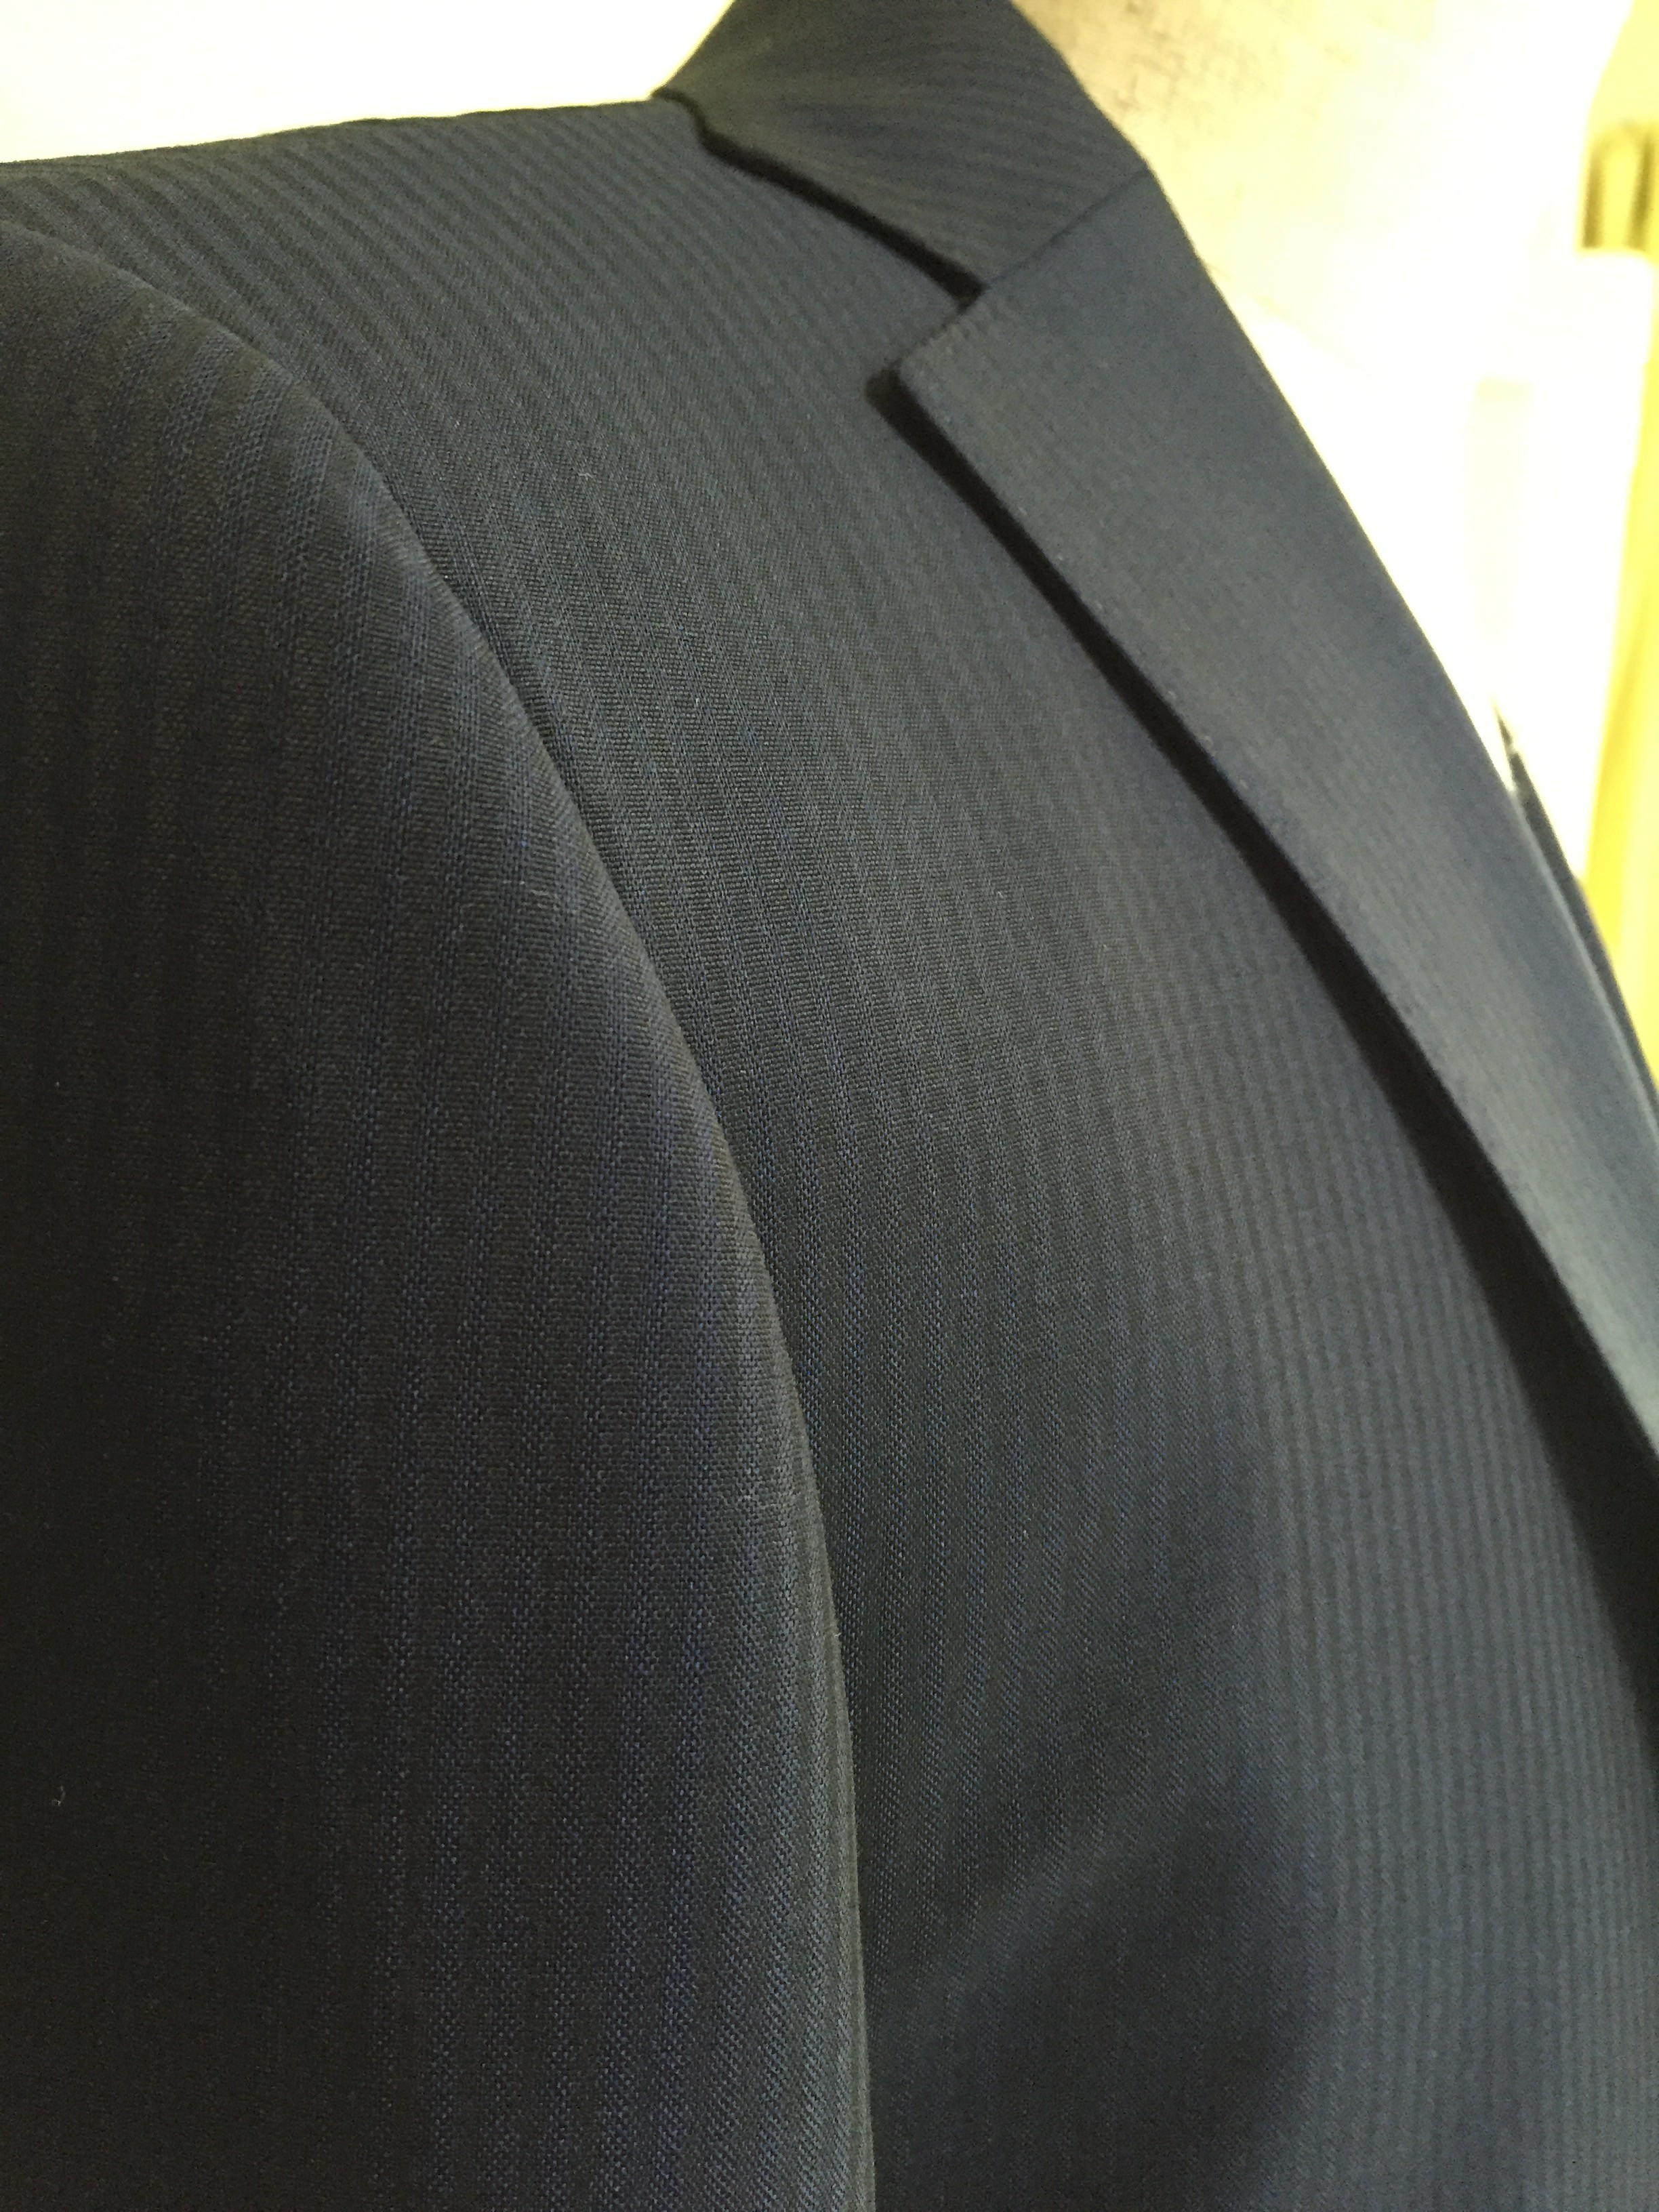 今からスーツを仕立てるとしたら、どんな生地がいいですか?